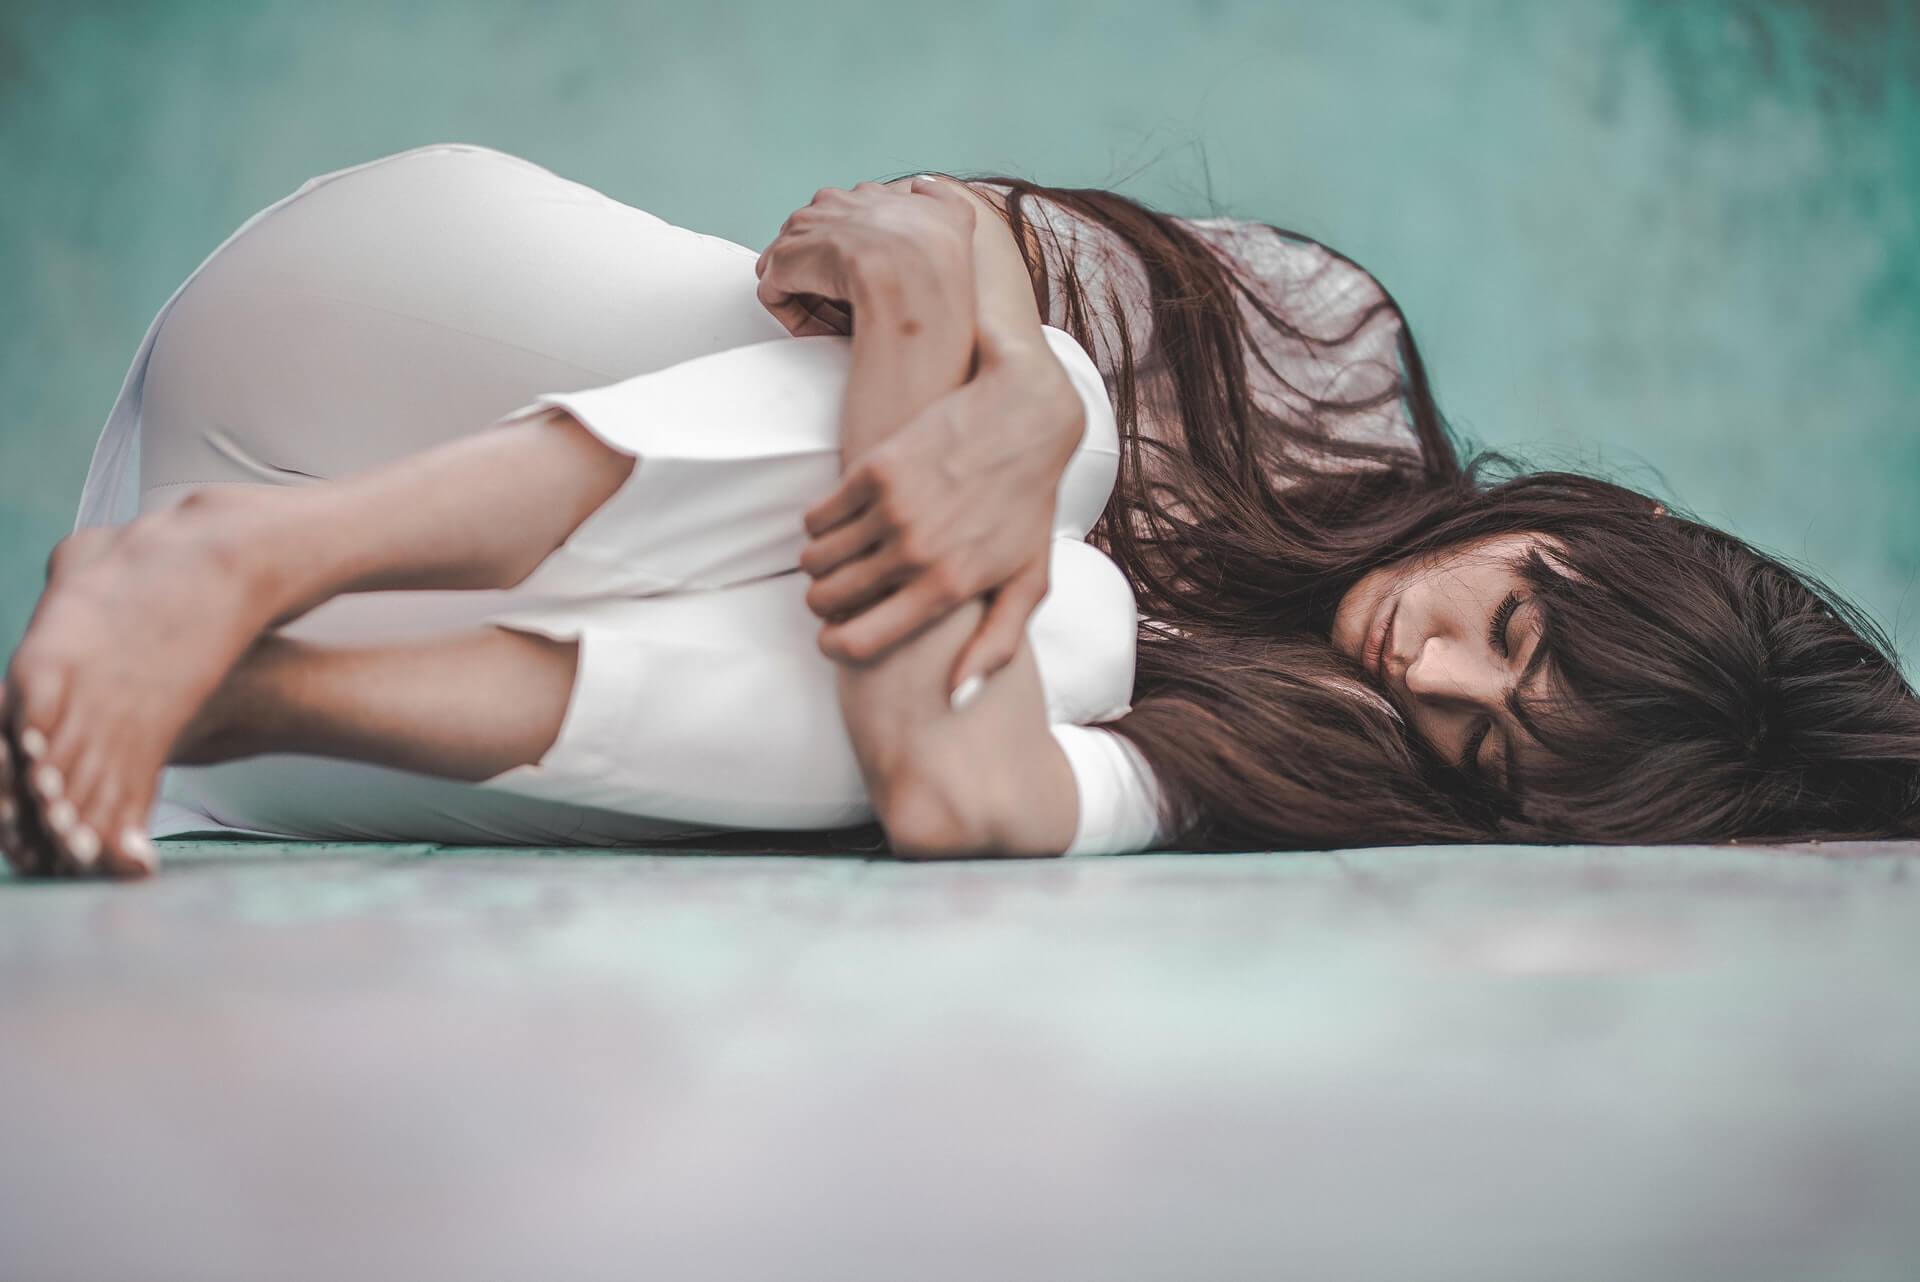 Le yoga: idéal pour prendre soin de soi, physiquement et mentalement